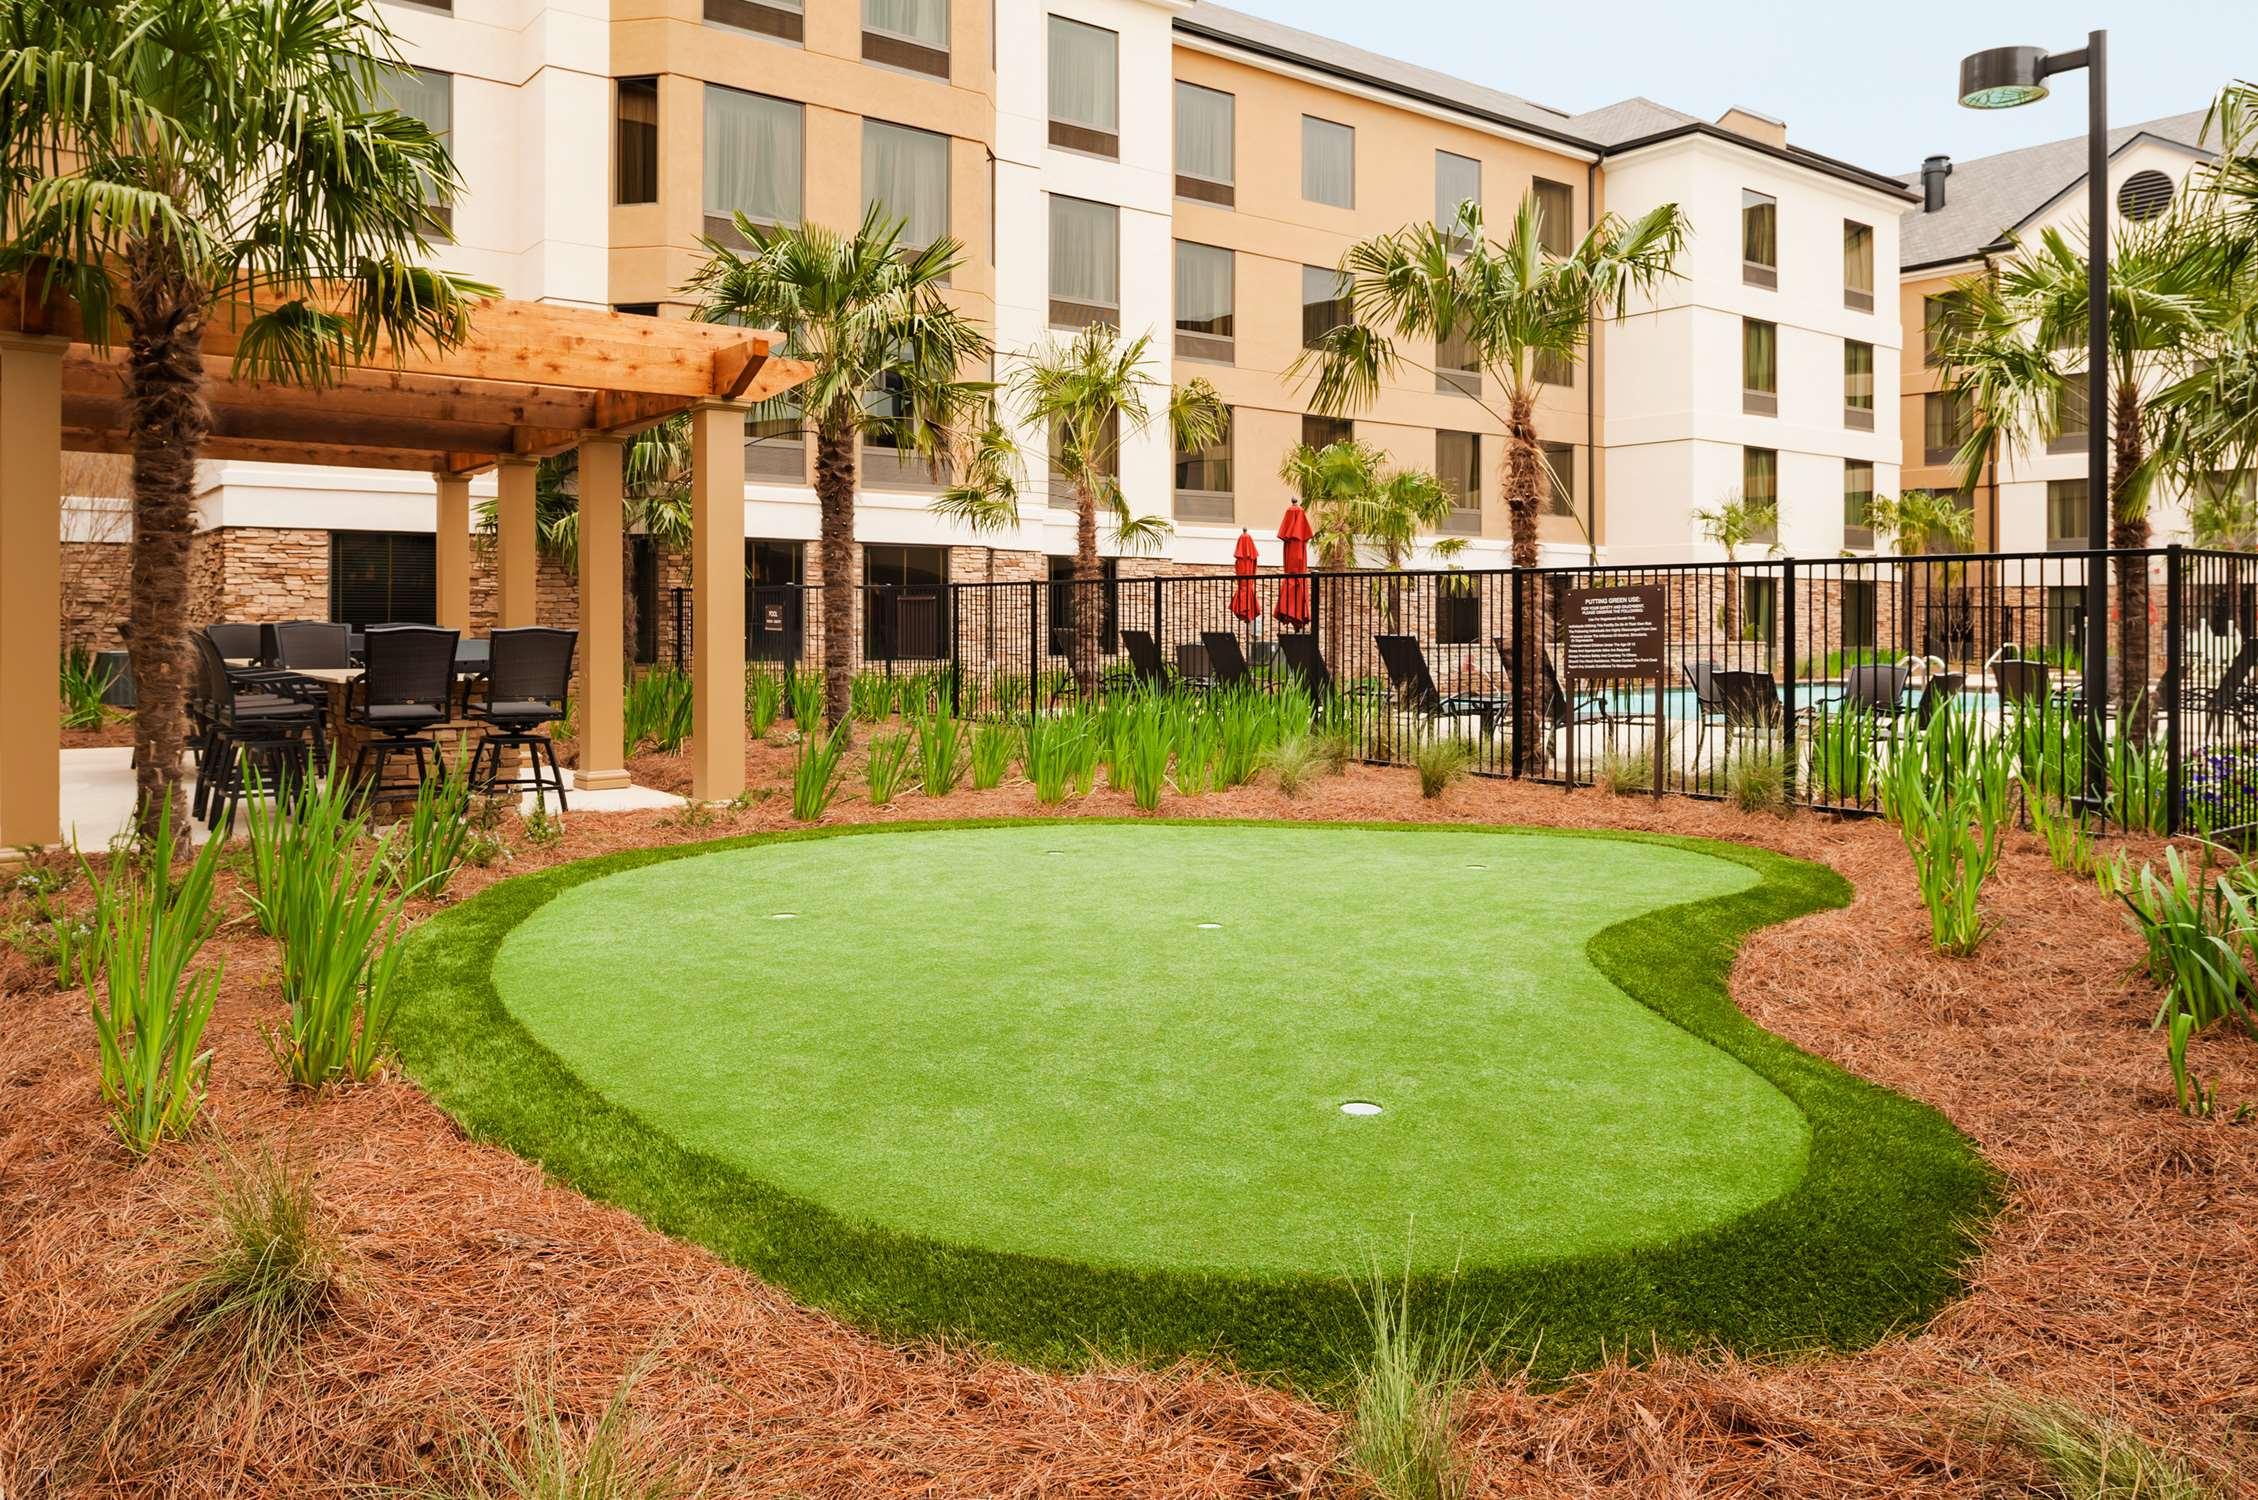 Hilton Garden Inn Shreveport Bossier City image 19